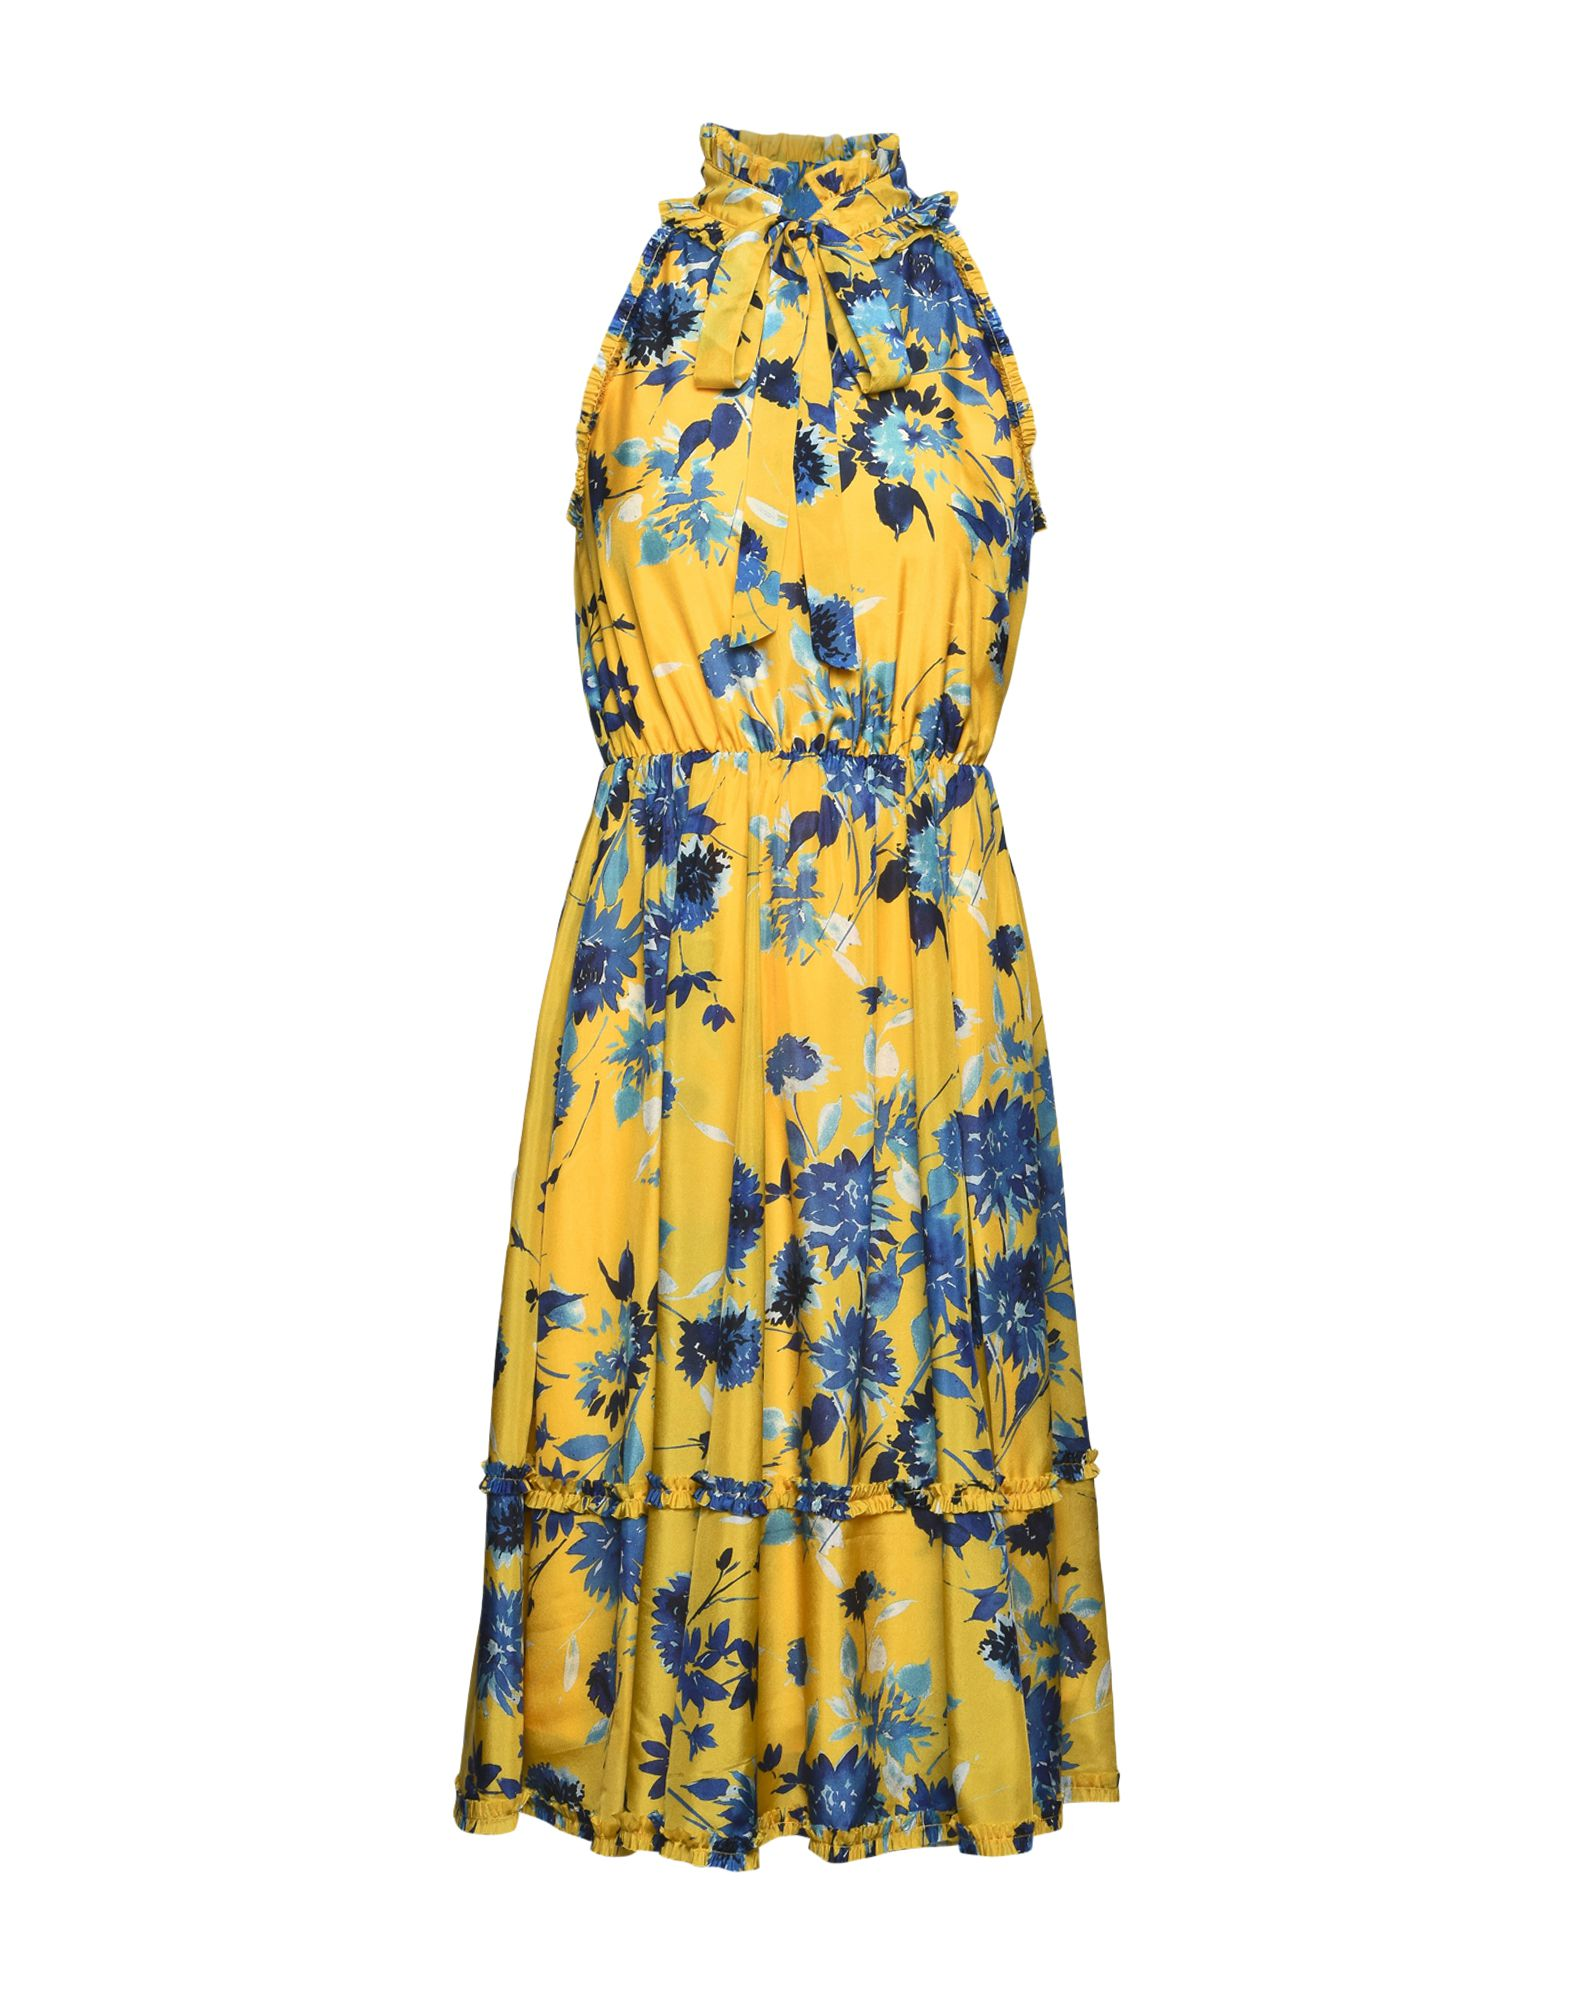 JOLIE by EDWARD SPIERS Damen Knielanges Kleid Farbe Gelb Größe 6